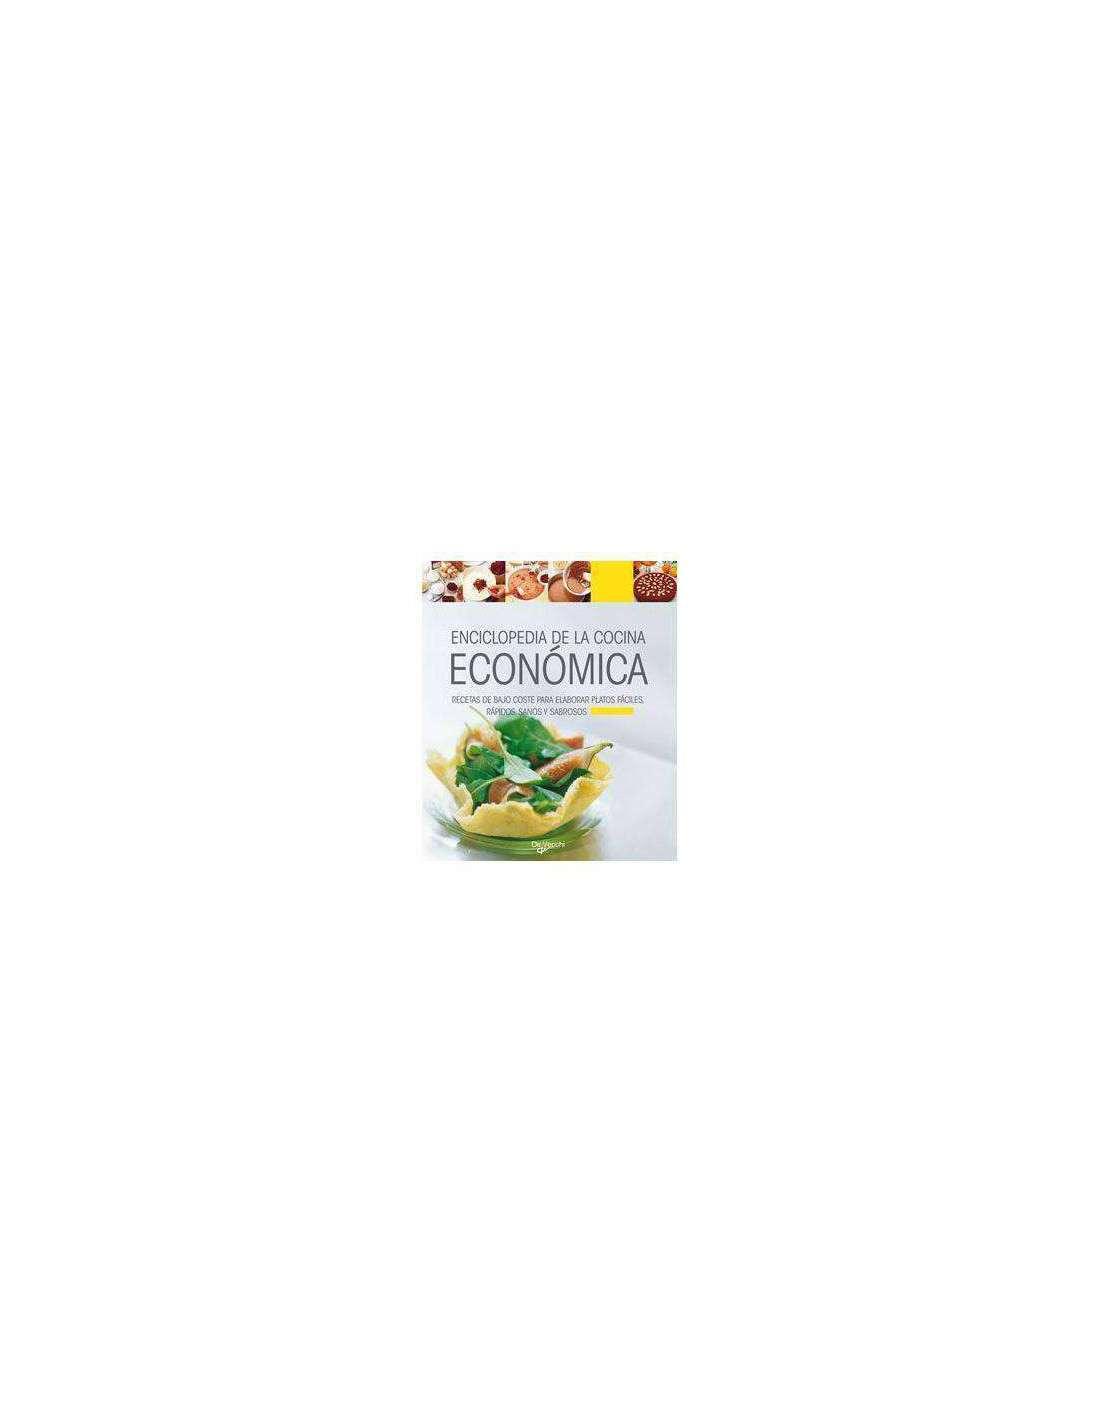 Enciclopedia de la cocina econ mica por 13 90 en cocopot for Enciclopedia de cocina pdf